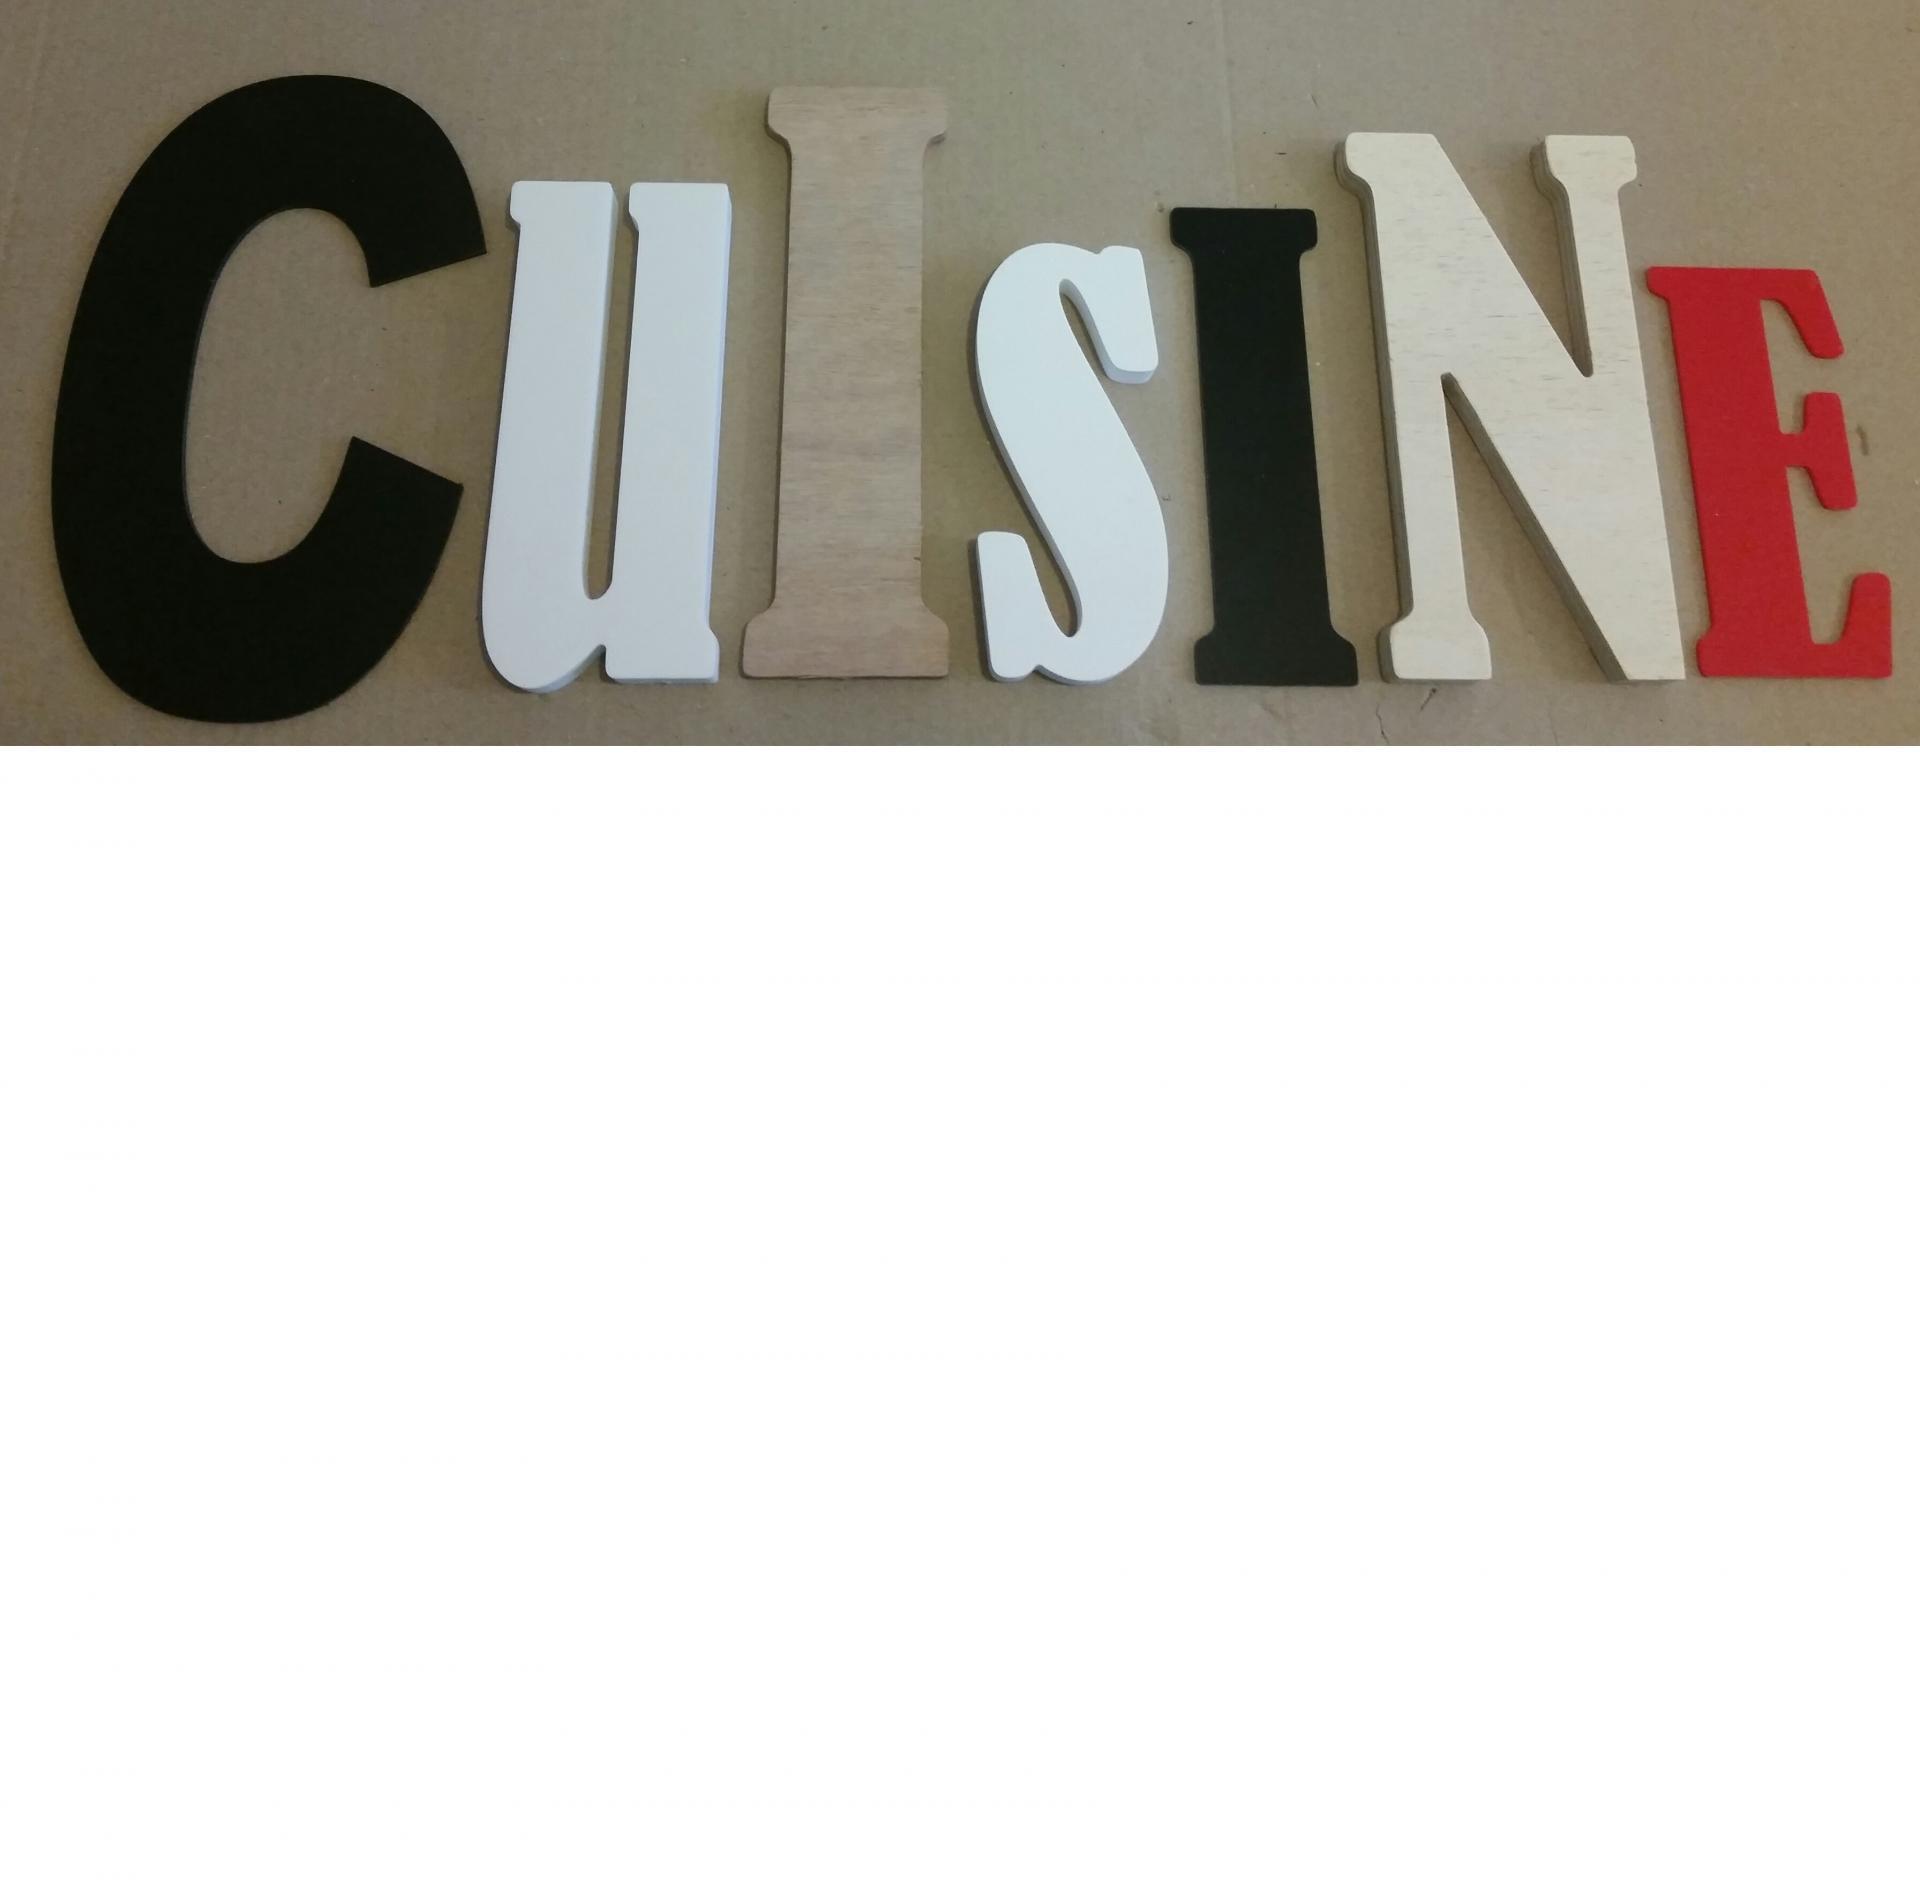 Lettre decorative cuisine lot 0009